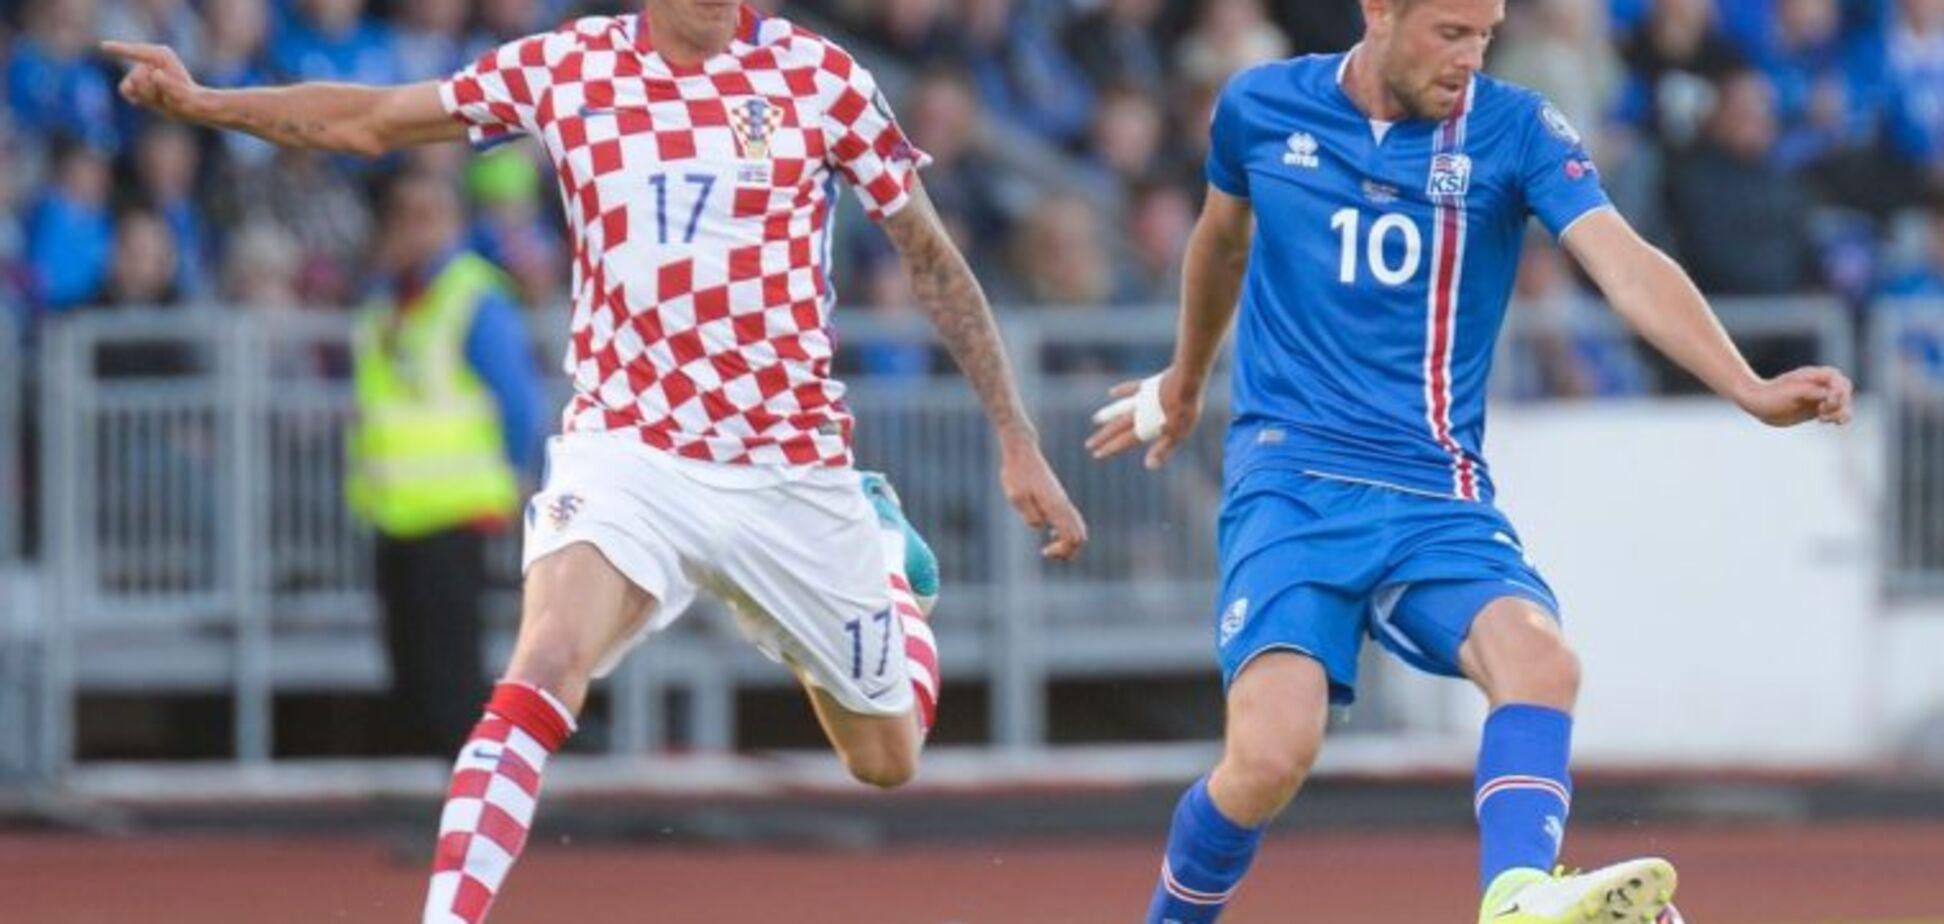 Ісландія - Хорватія: прогноз на матч ЧС-2018